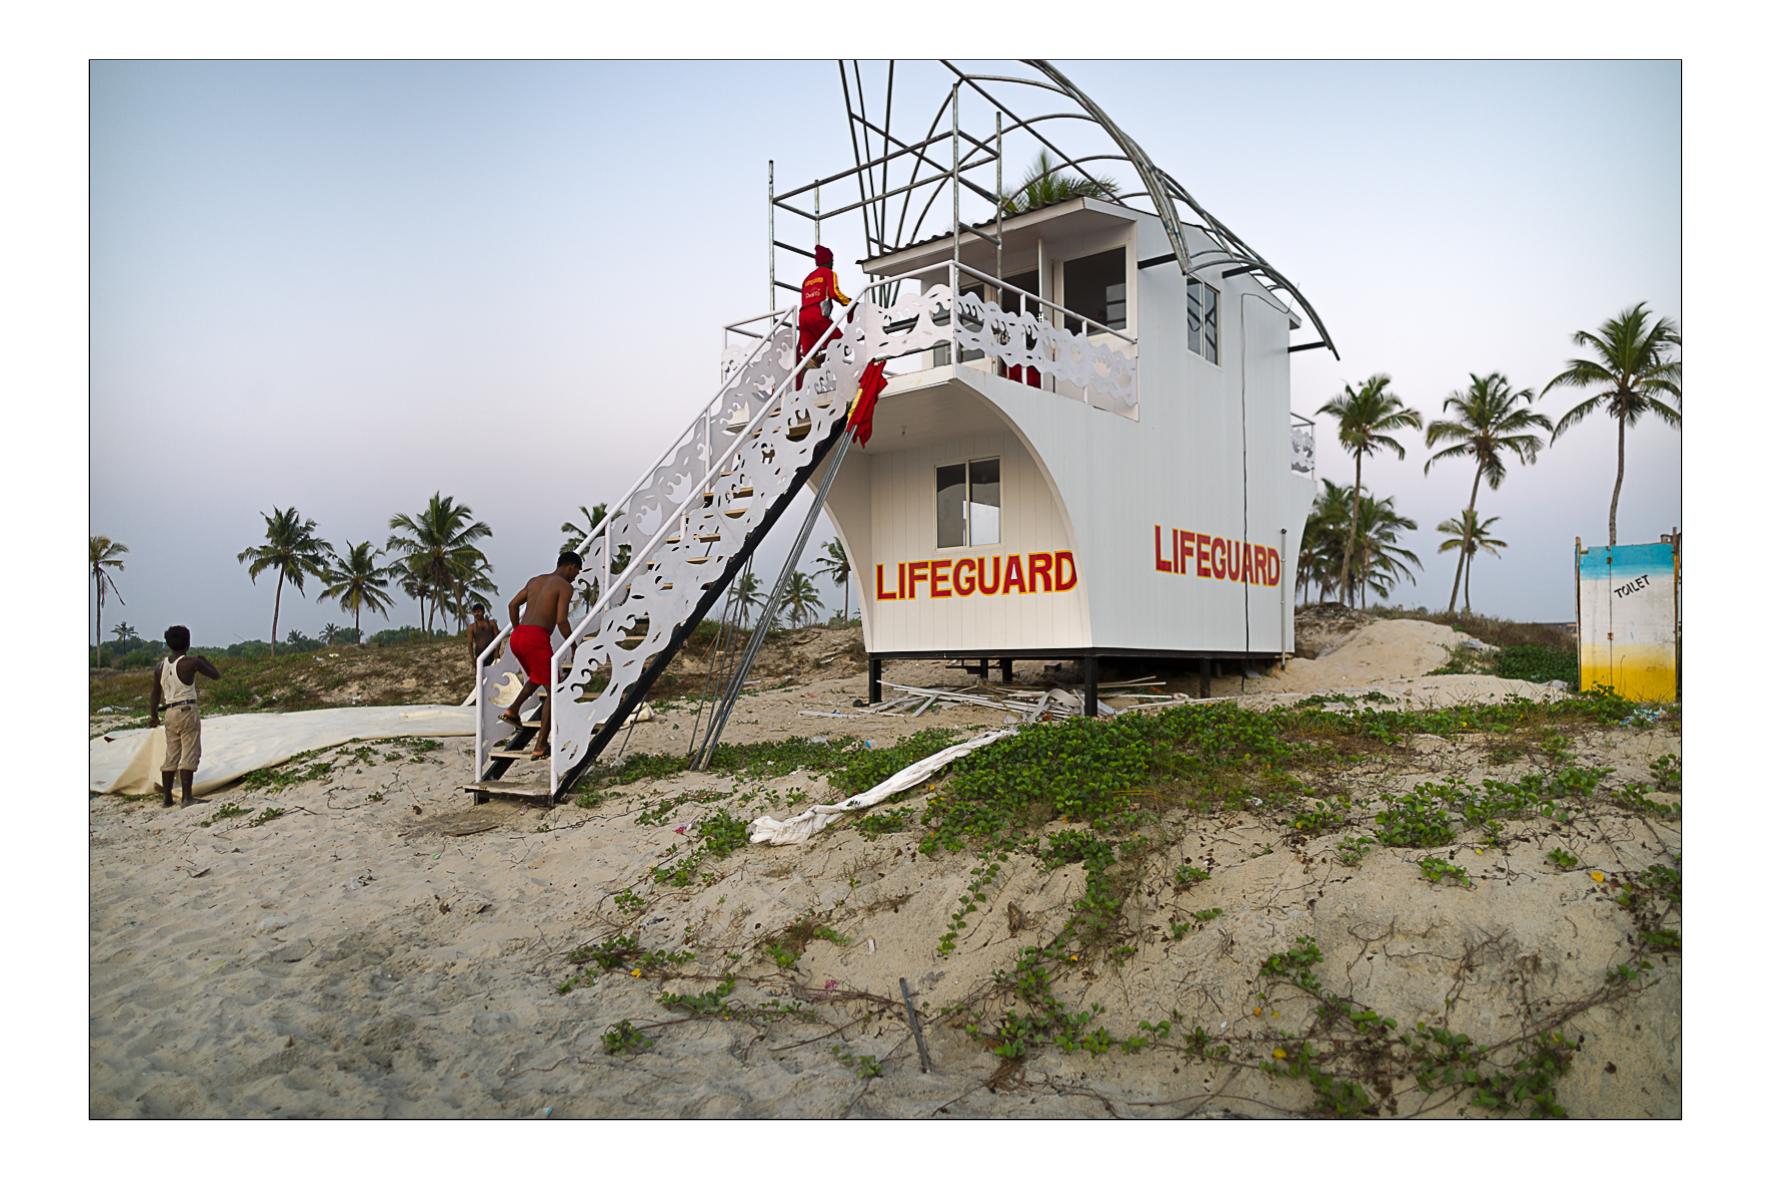 Lifeguards, Goa 2010